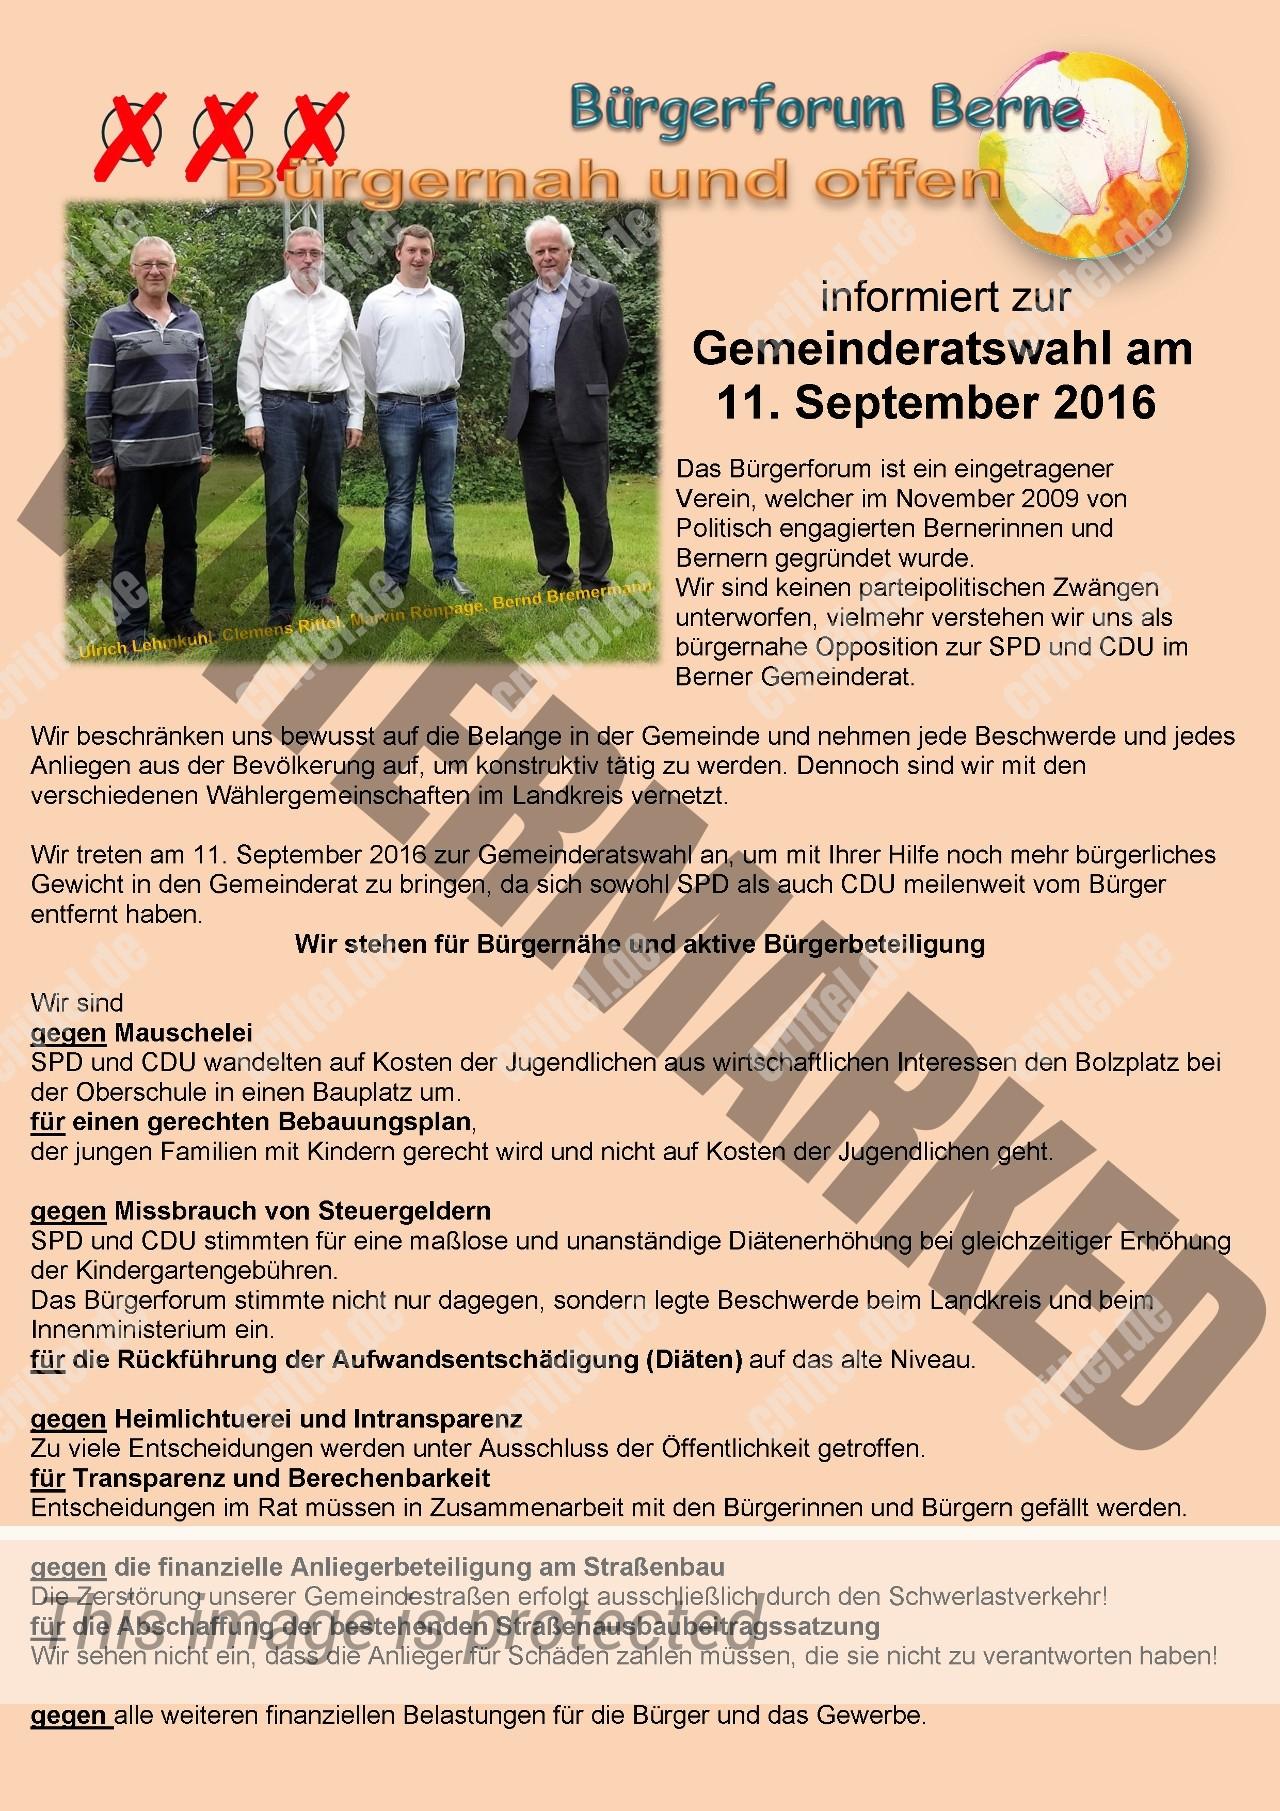 dbfb Kommunalwahl 2016-01 DBFB Einkauffreund A4-1hg-web